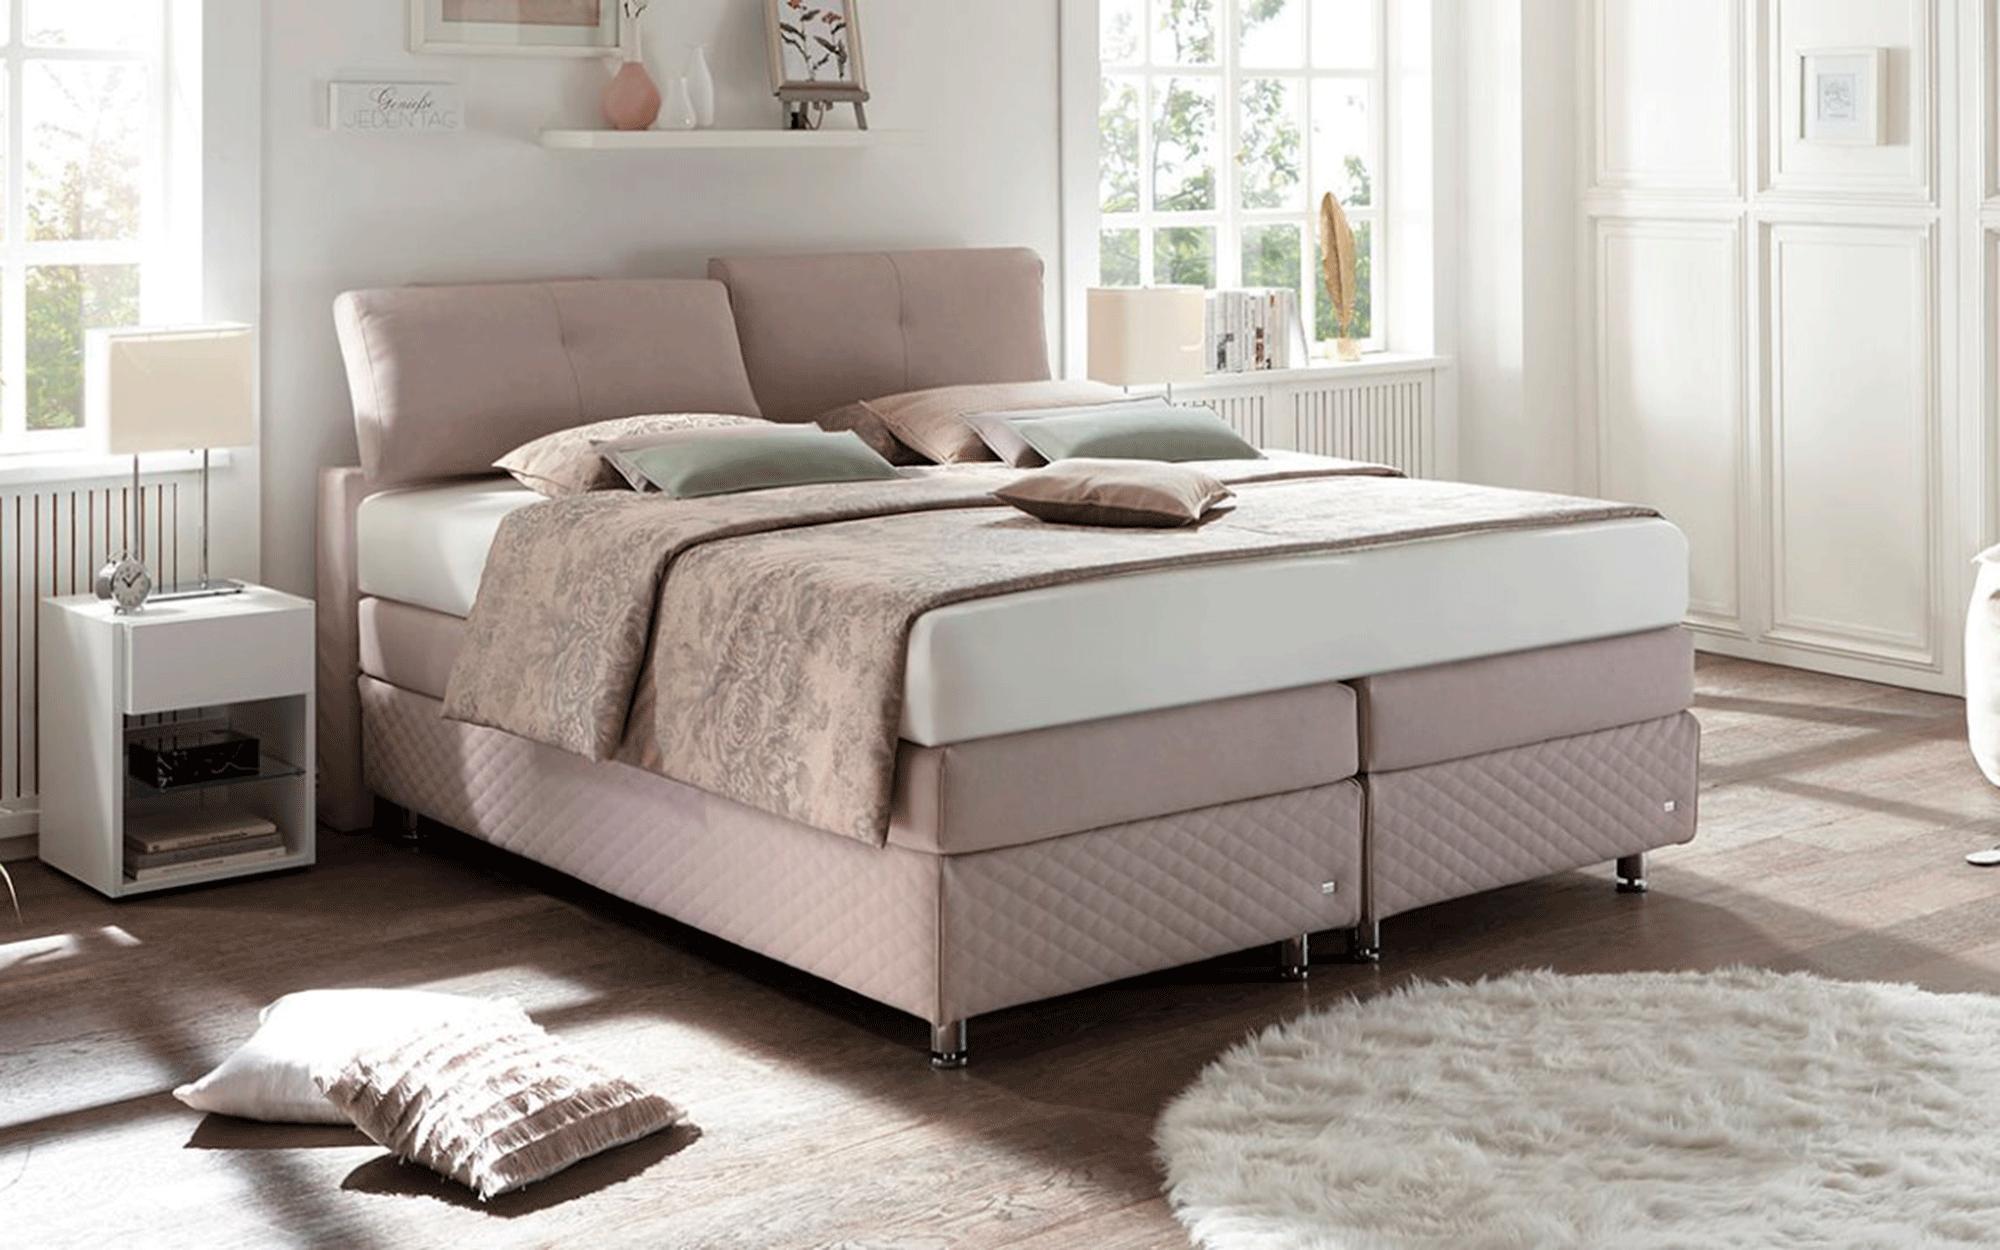 кровать VERONESSE от Ruf betten